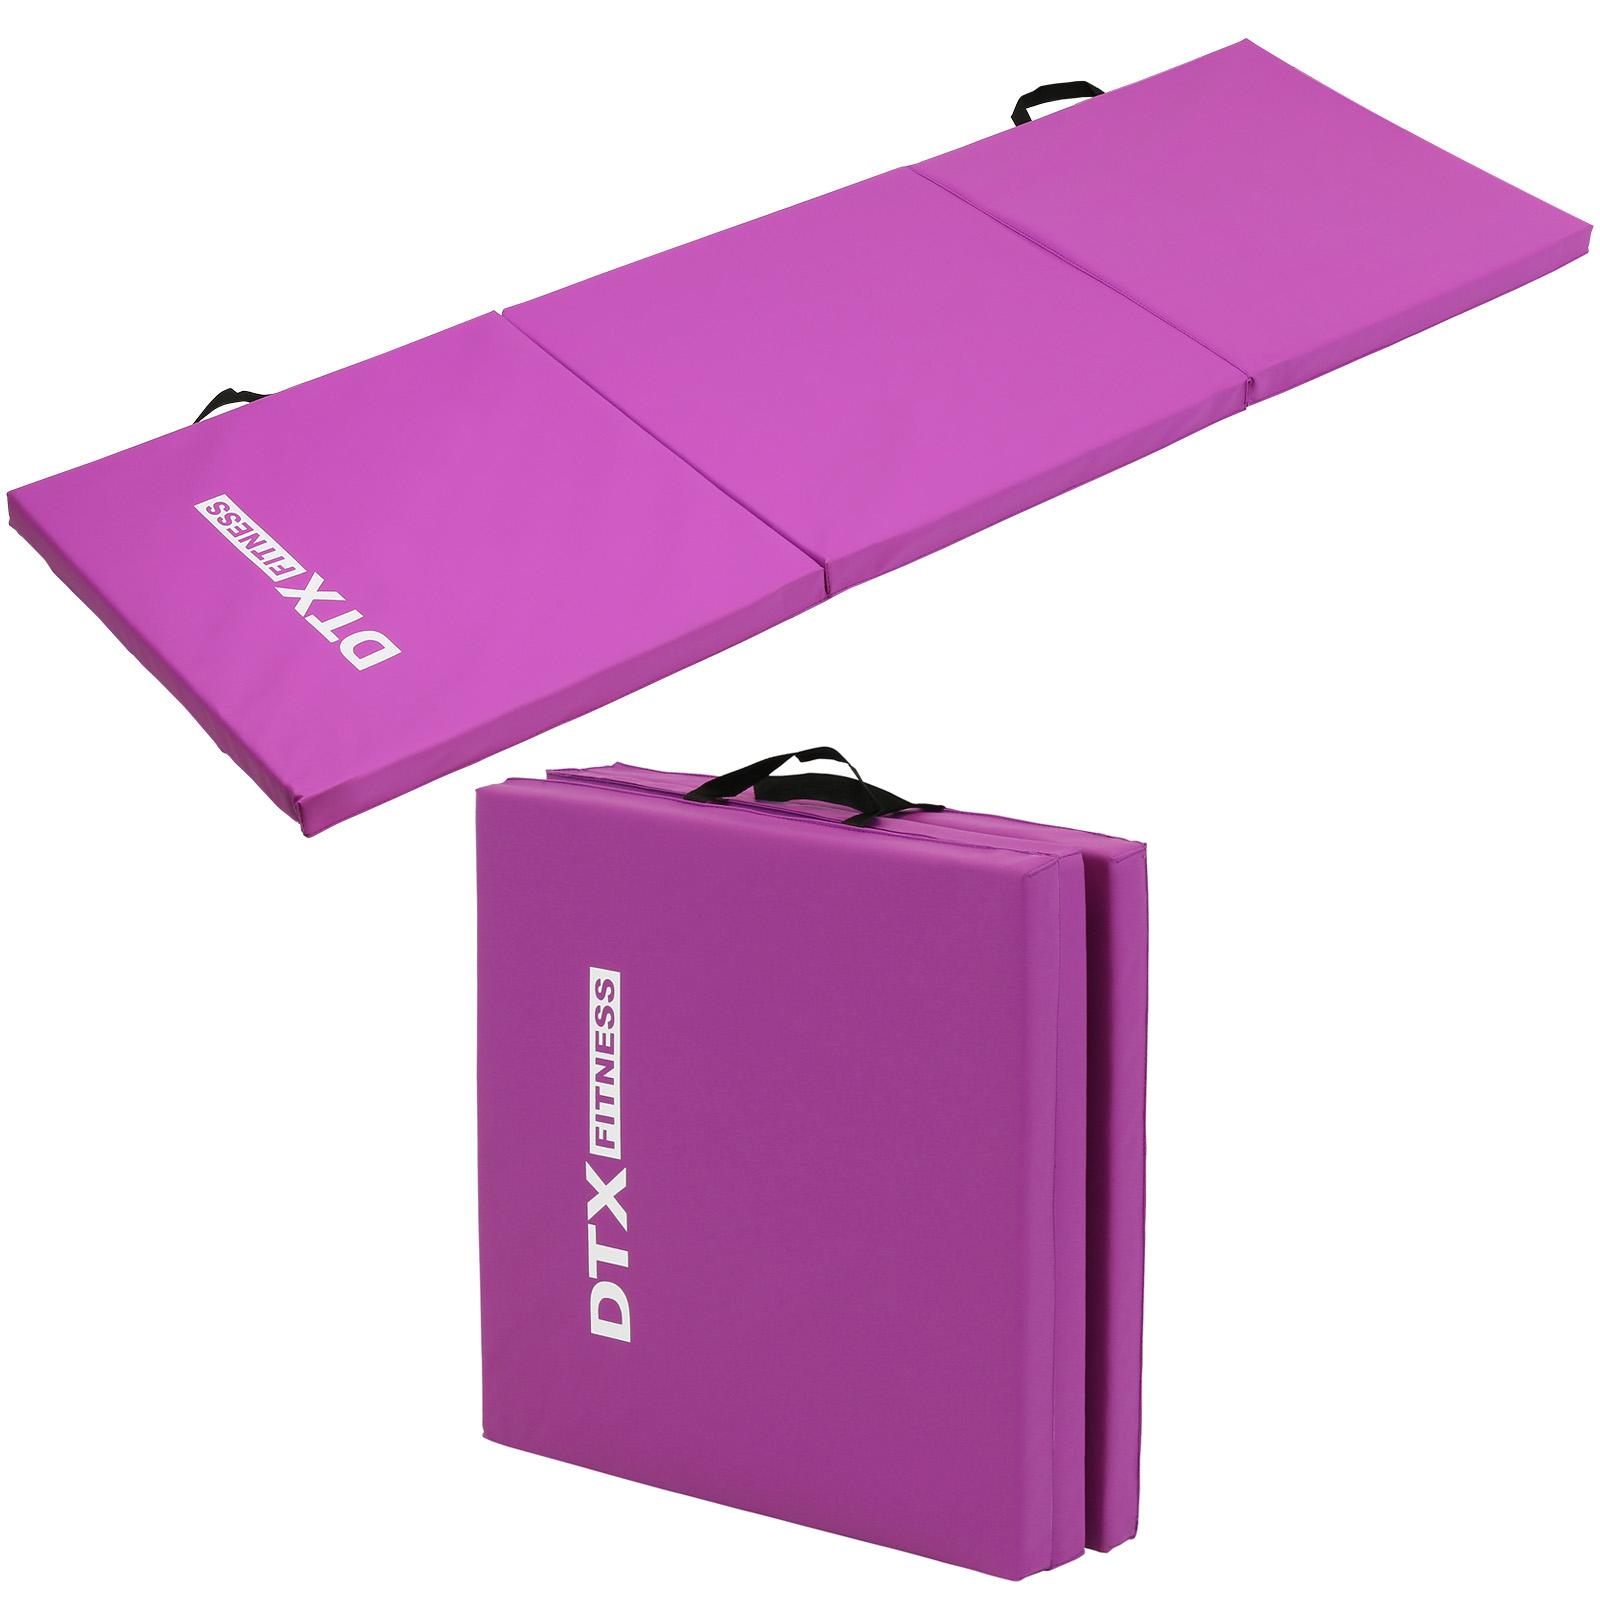 Dtx Fitness Tapis De Sol Fitness Yoga Exercice Pilates Gym Epais